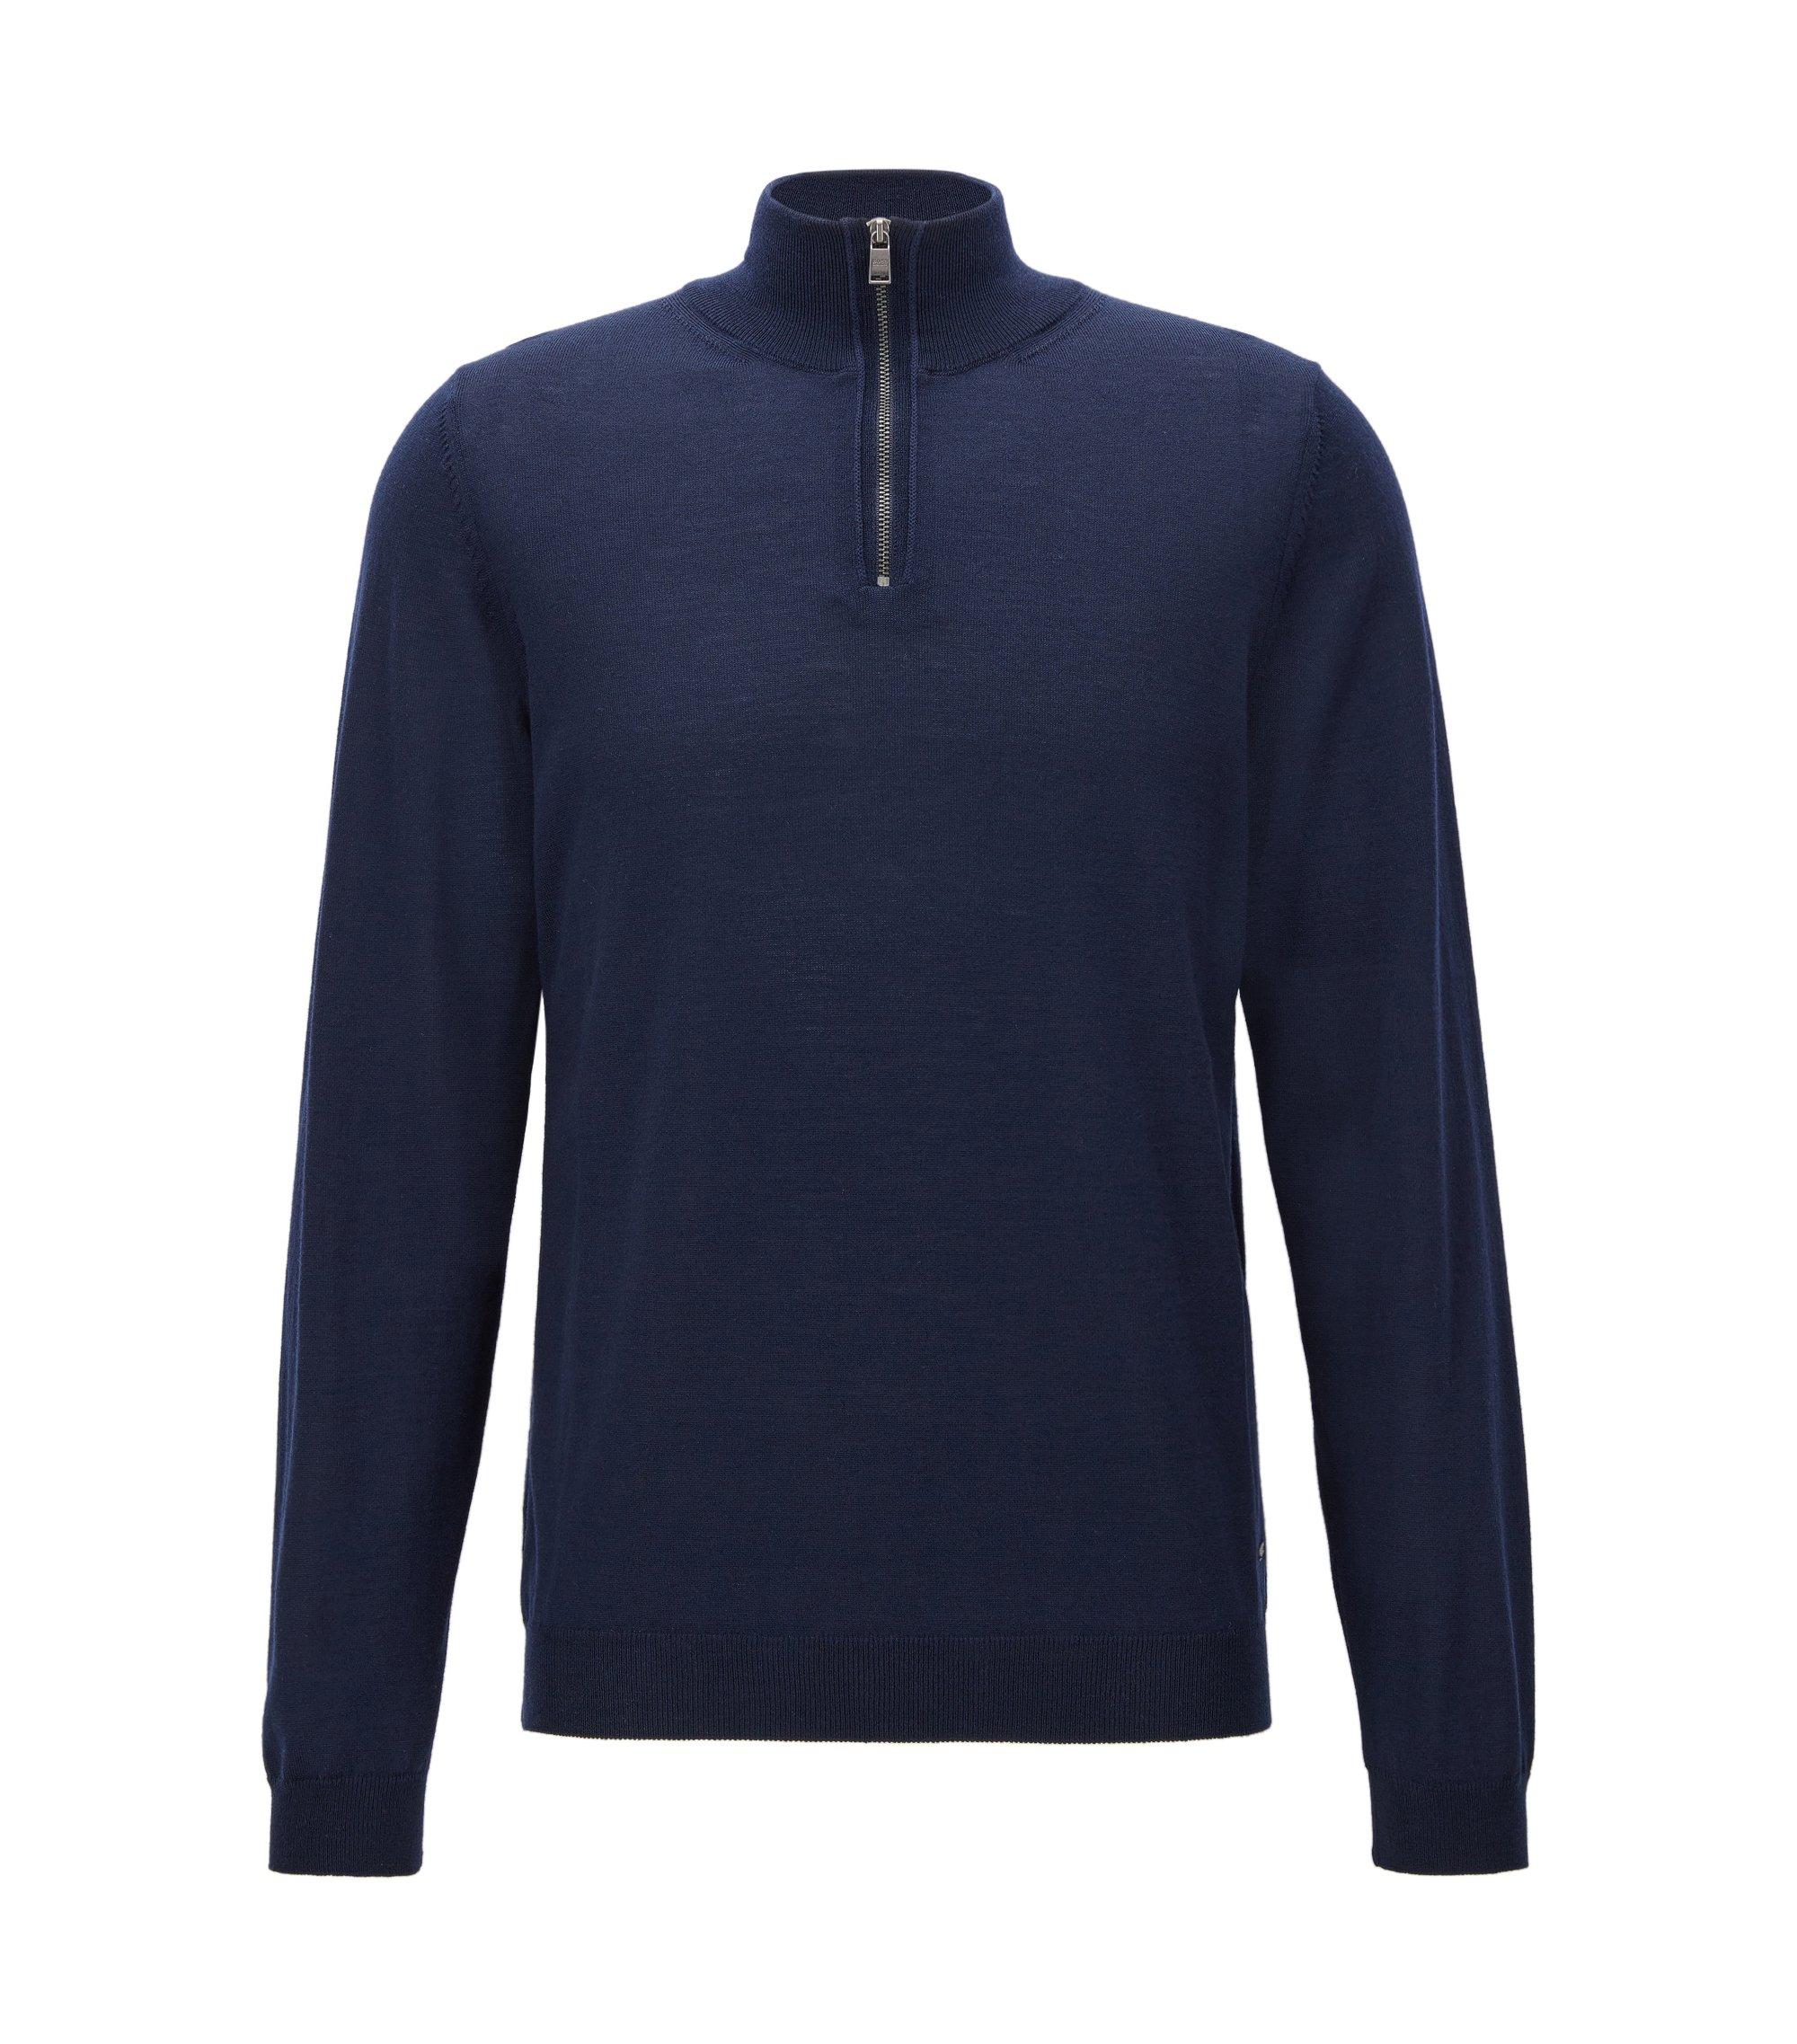 Maglione slim fit con colletto con zip in lana merino, Blu scuro